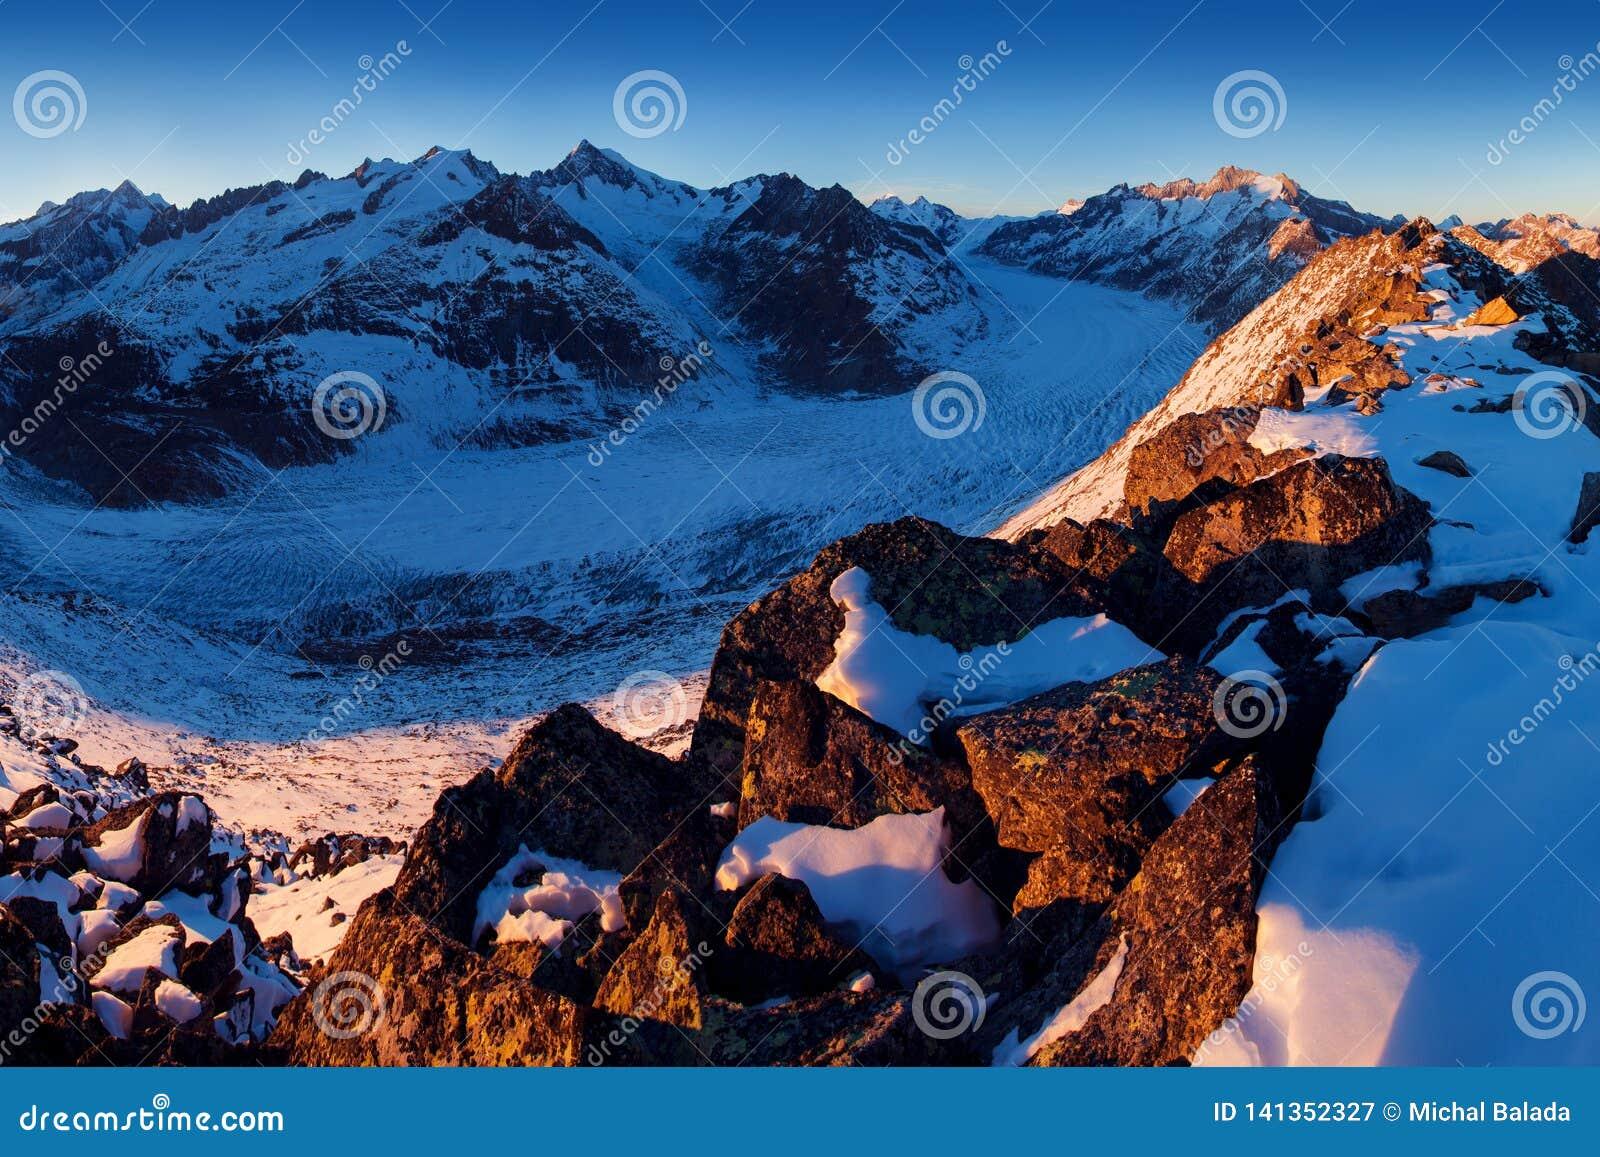 Erster Schnee in den Alpenbergen Majestätischer Panoramablick von Aletsch-Gletscher, der größte Gletscher in den Alpen an UNESCO-